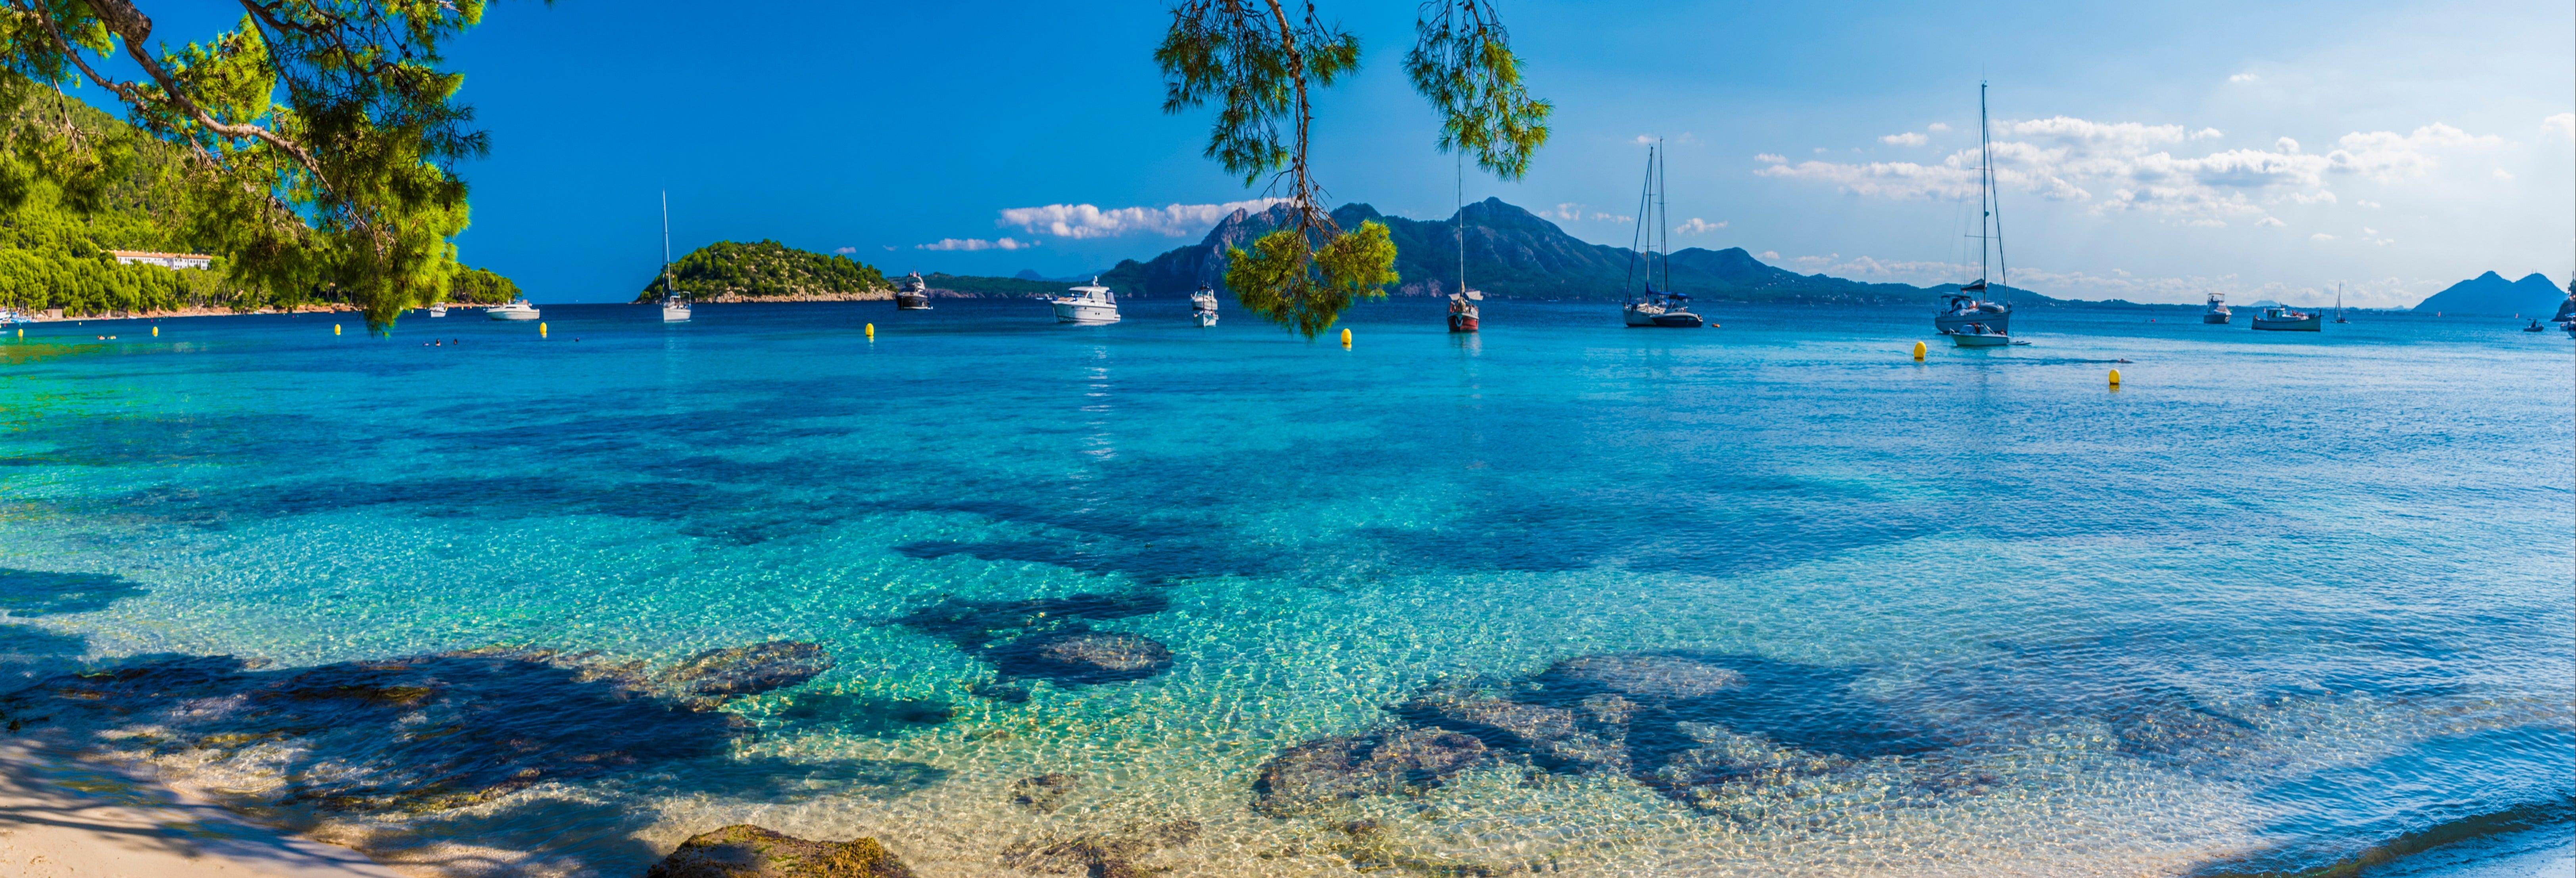 Formentor y mercadillos típicos desde el sur de Mallorca